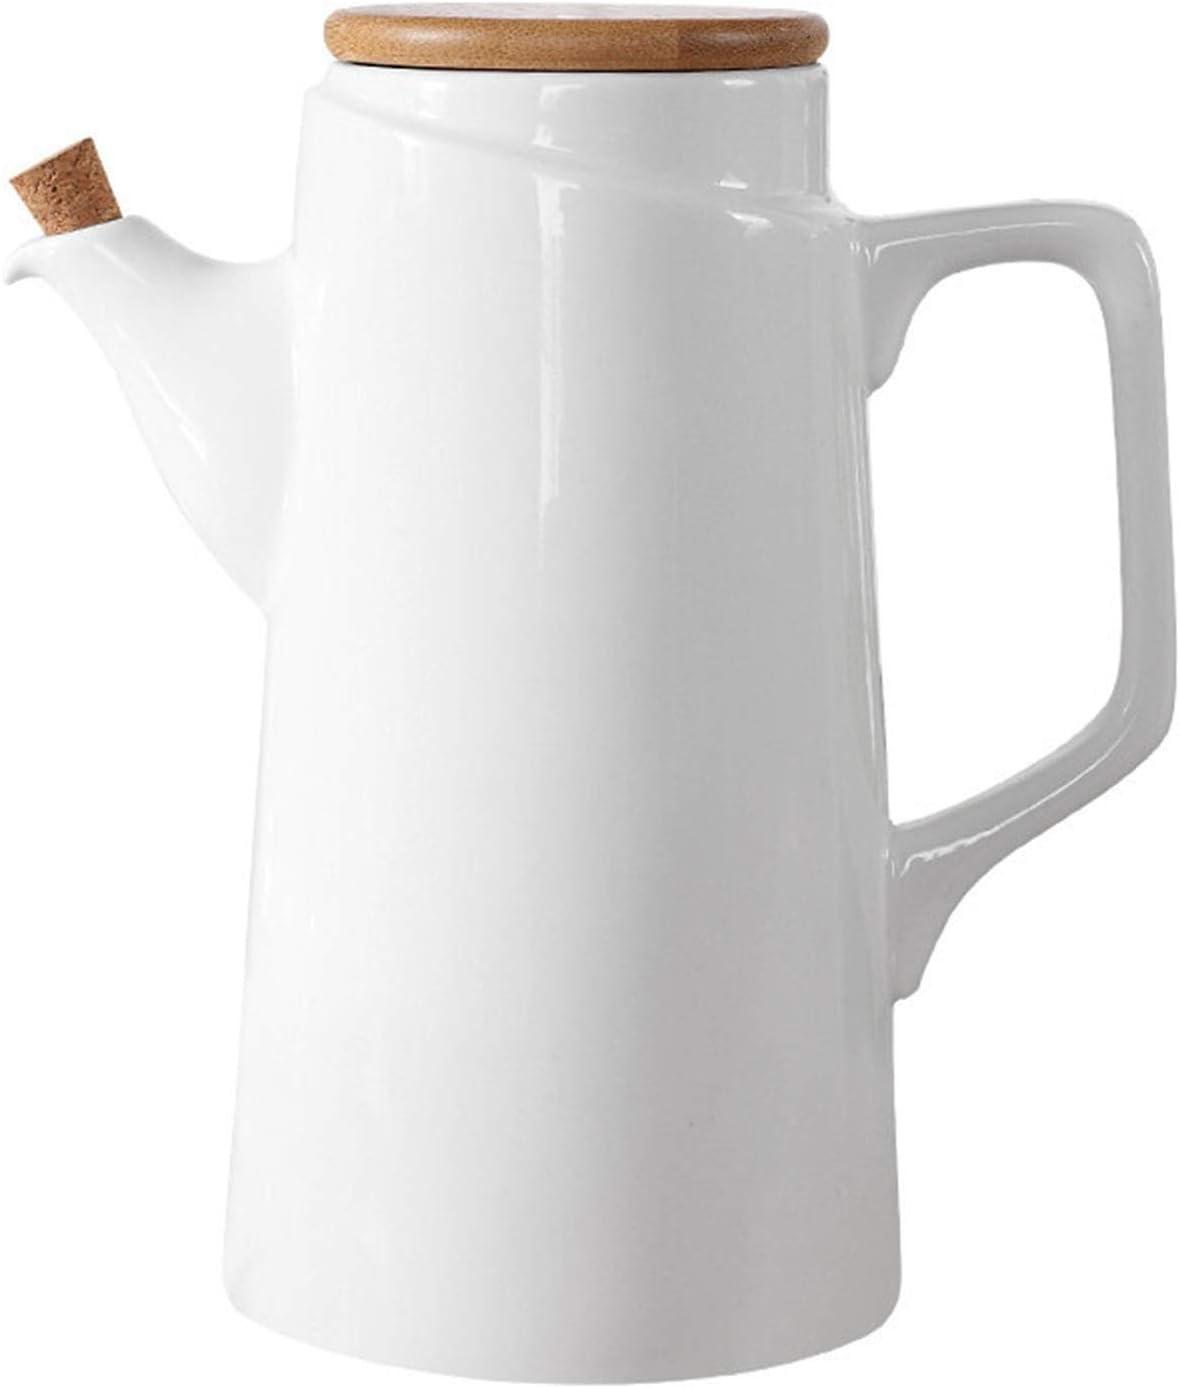 Oil and Vinegar Dispenser Bottle Set, Olive Oil or Soy Sauce Dispenser Set for Kitchen, White Ceramic (Porcelain) Oil Dispenser Cruet, Dressing Dispenser Bottle, Olive Oil Decanter, Decorative Oil Dis